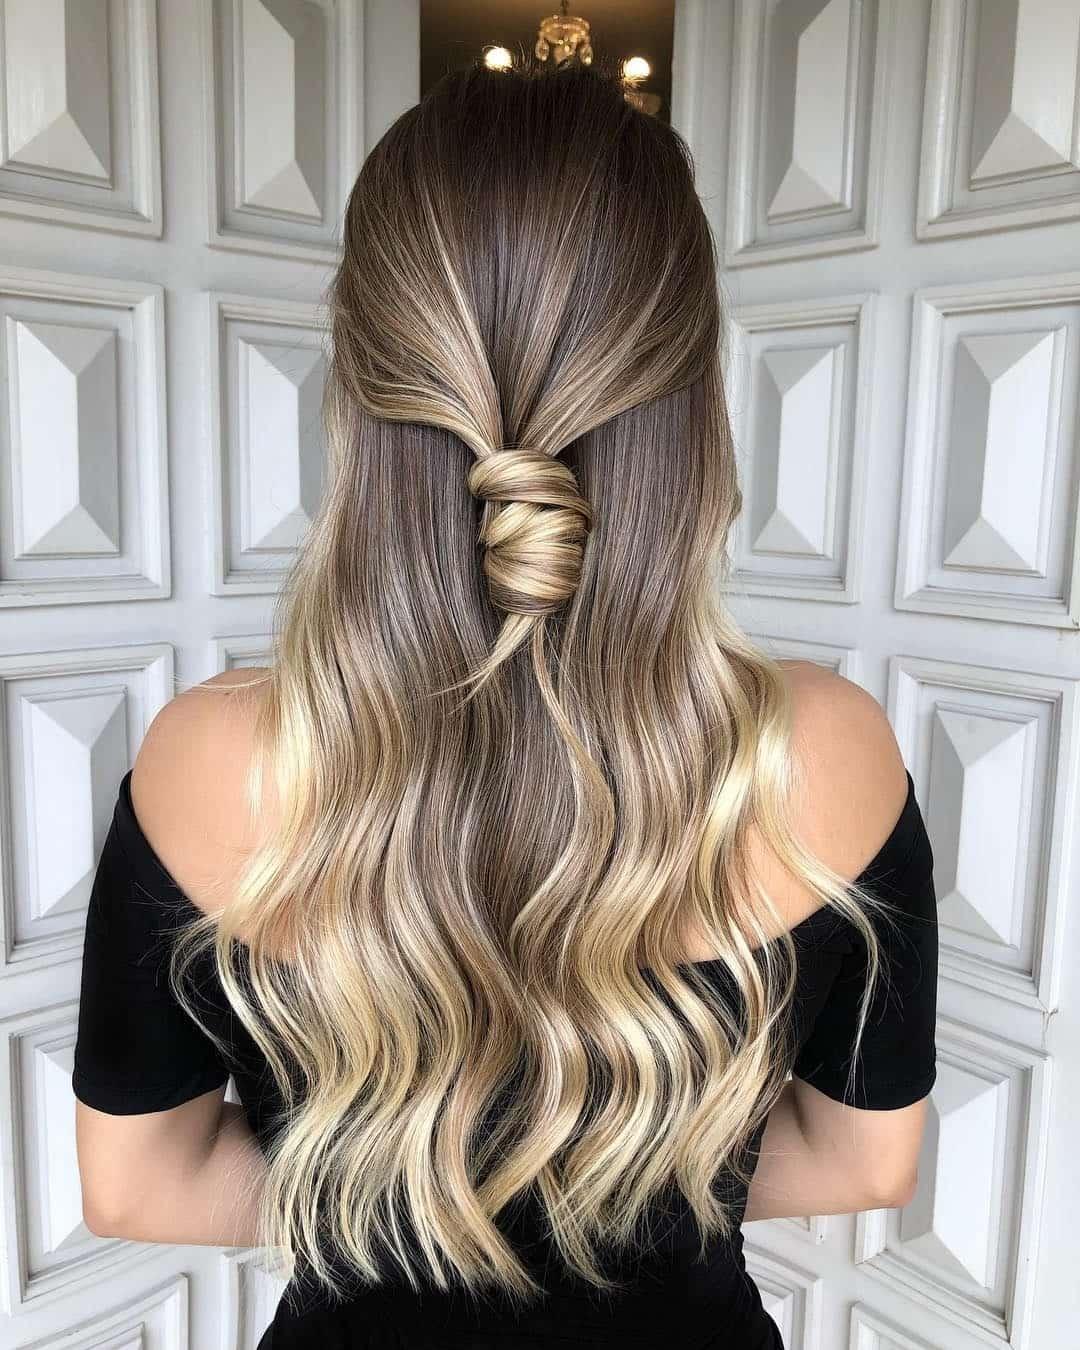 перехід відтінків від кінчиків до коренів волосся 2019